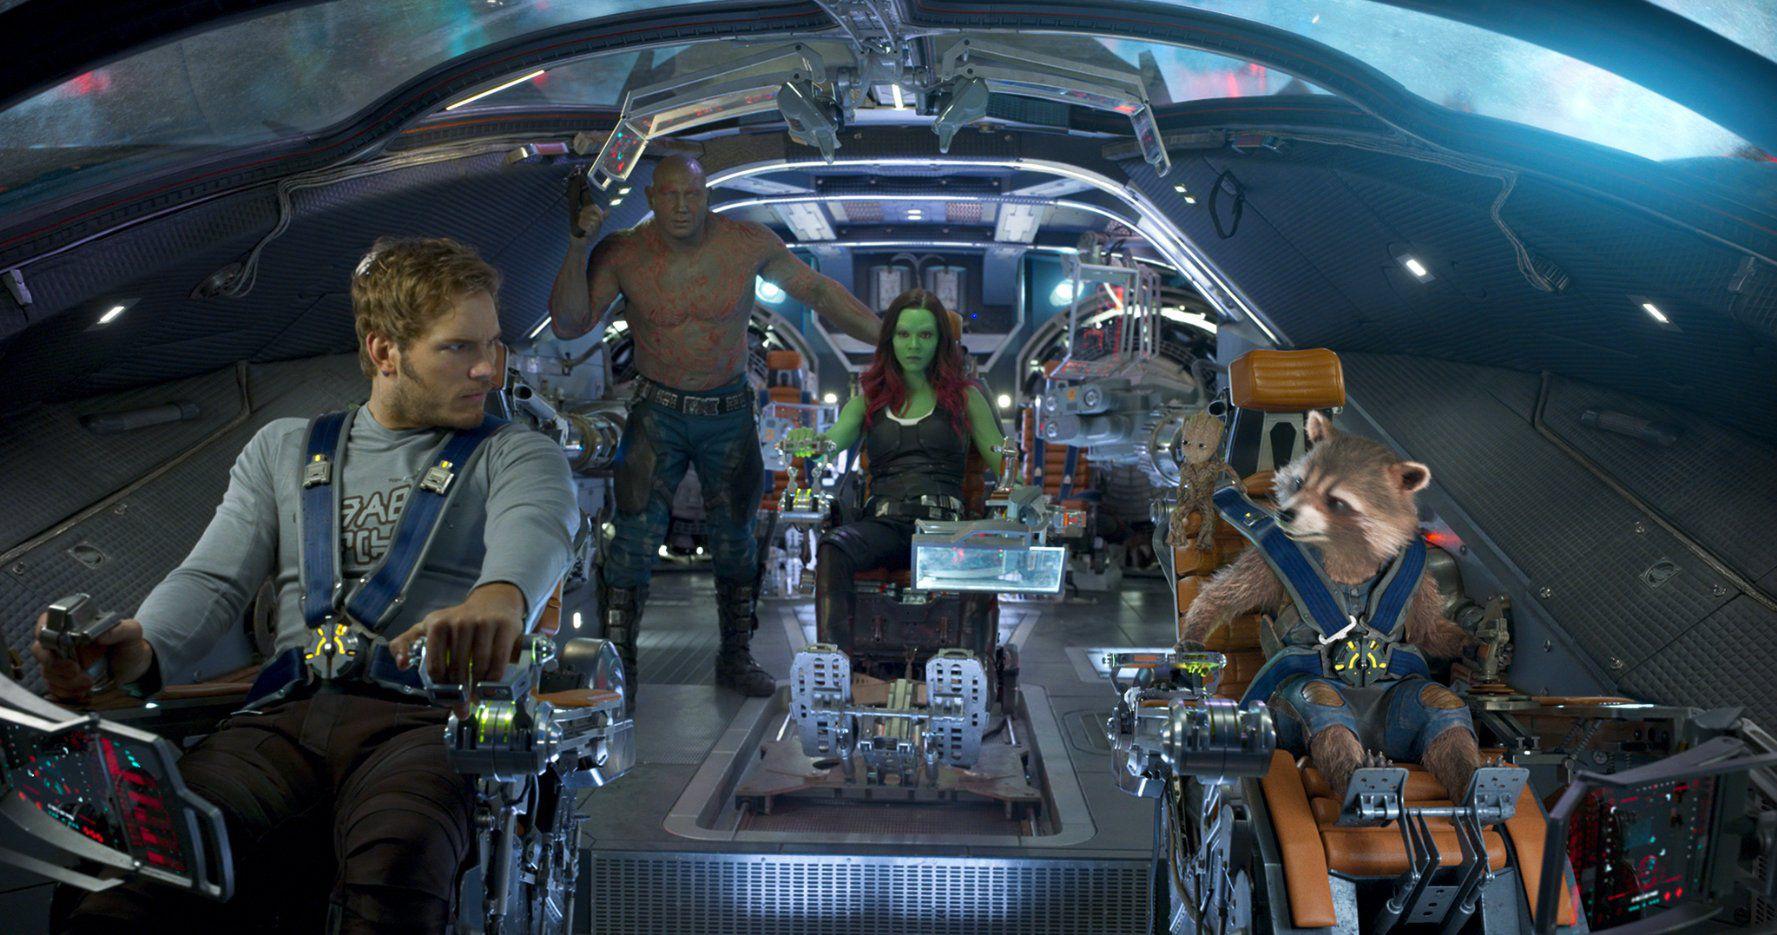 Top 10 phim khoa học viễn tưởng hay nhất Hollywood 2017 - Phim Mỹ (3)